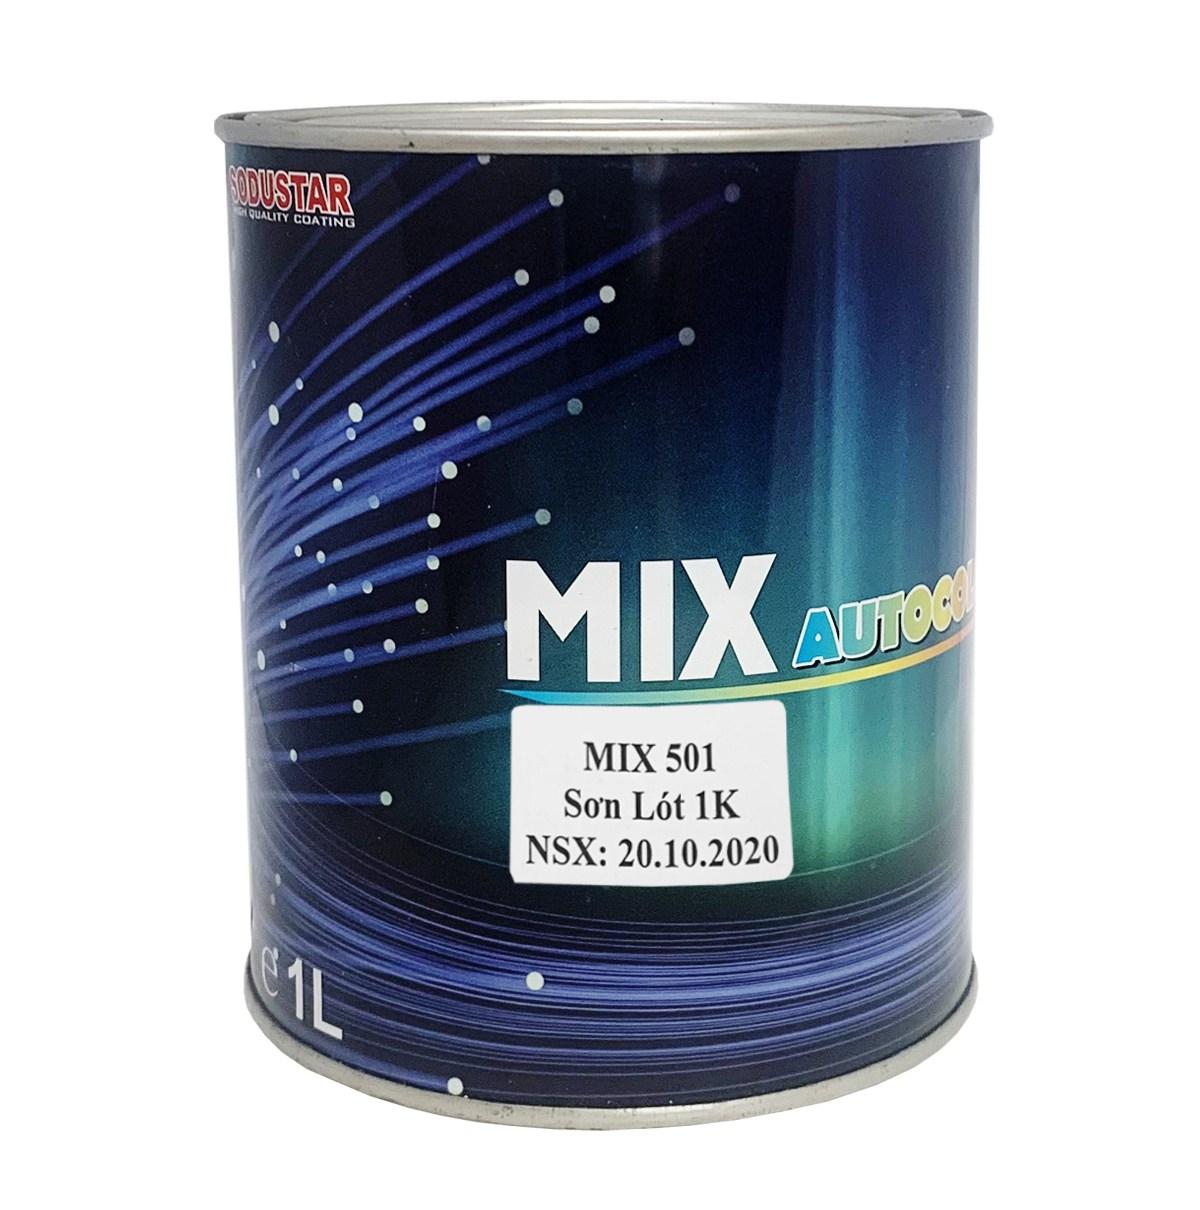 SƠN LÓT 1 THÀNH PHẦN (1K) - MIX 501